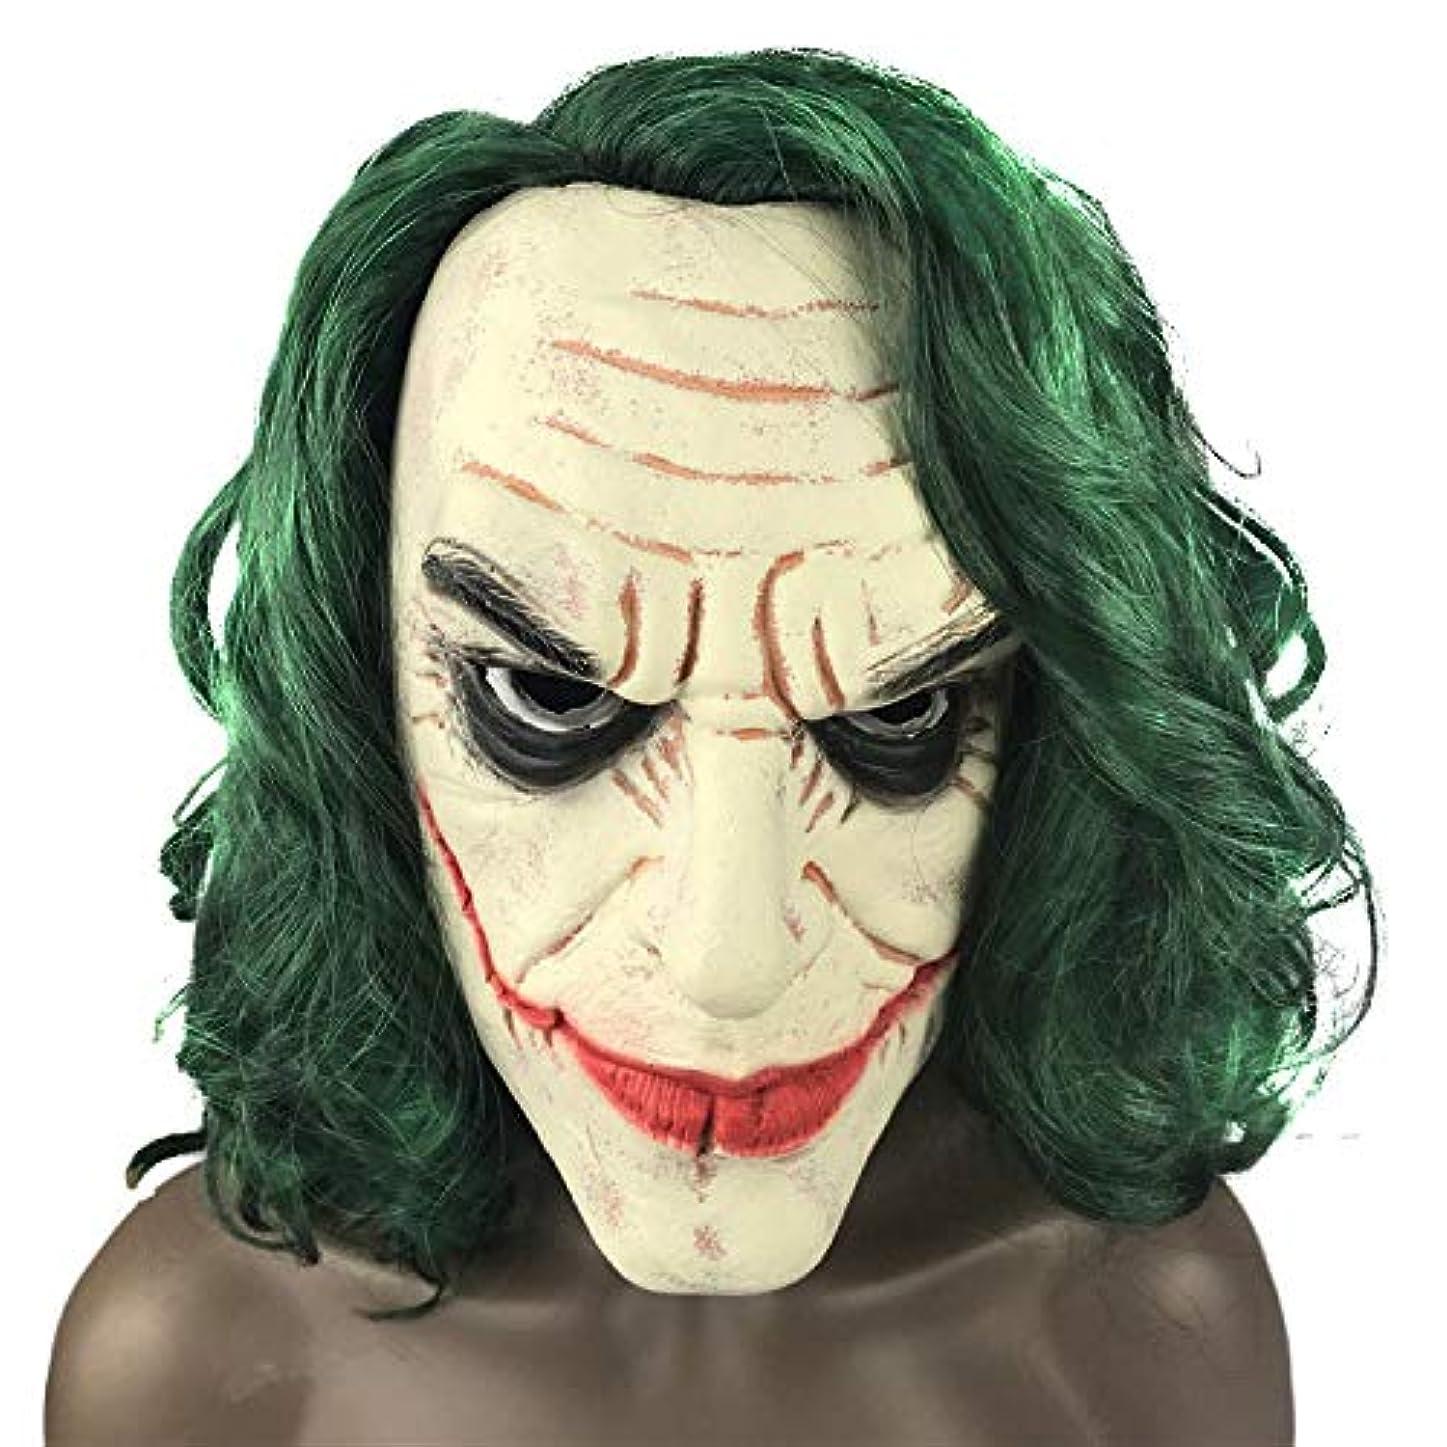 野菜強調唯一バットマンピエロマスク男性ホラーボールCosドレスアップハロウィーンダークナイト映画ラテックスマスク